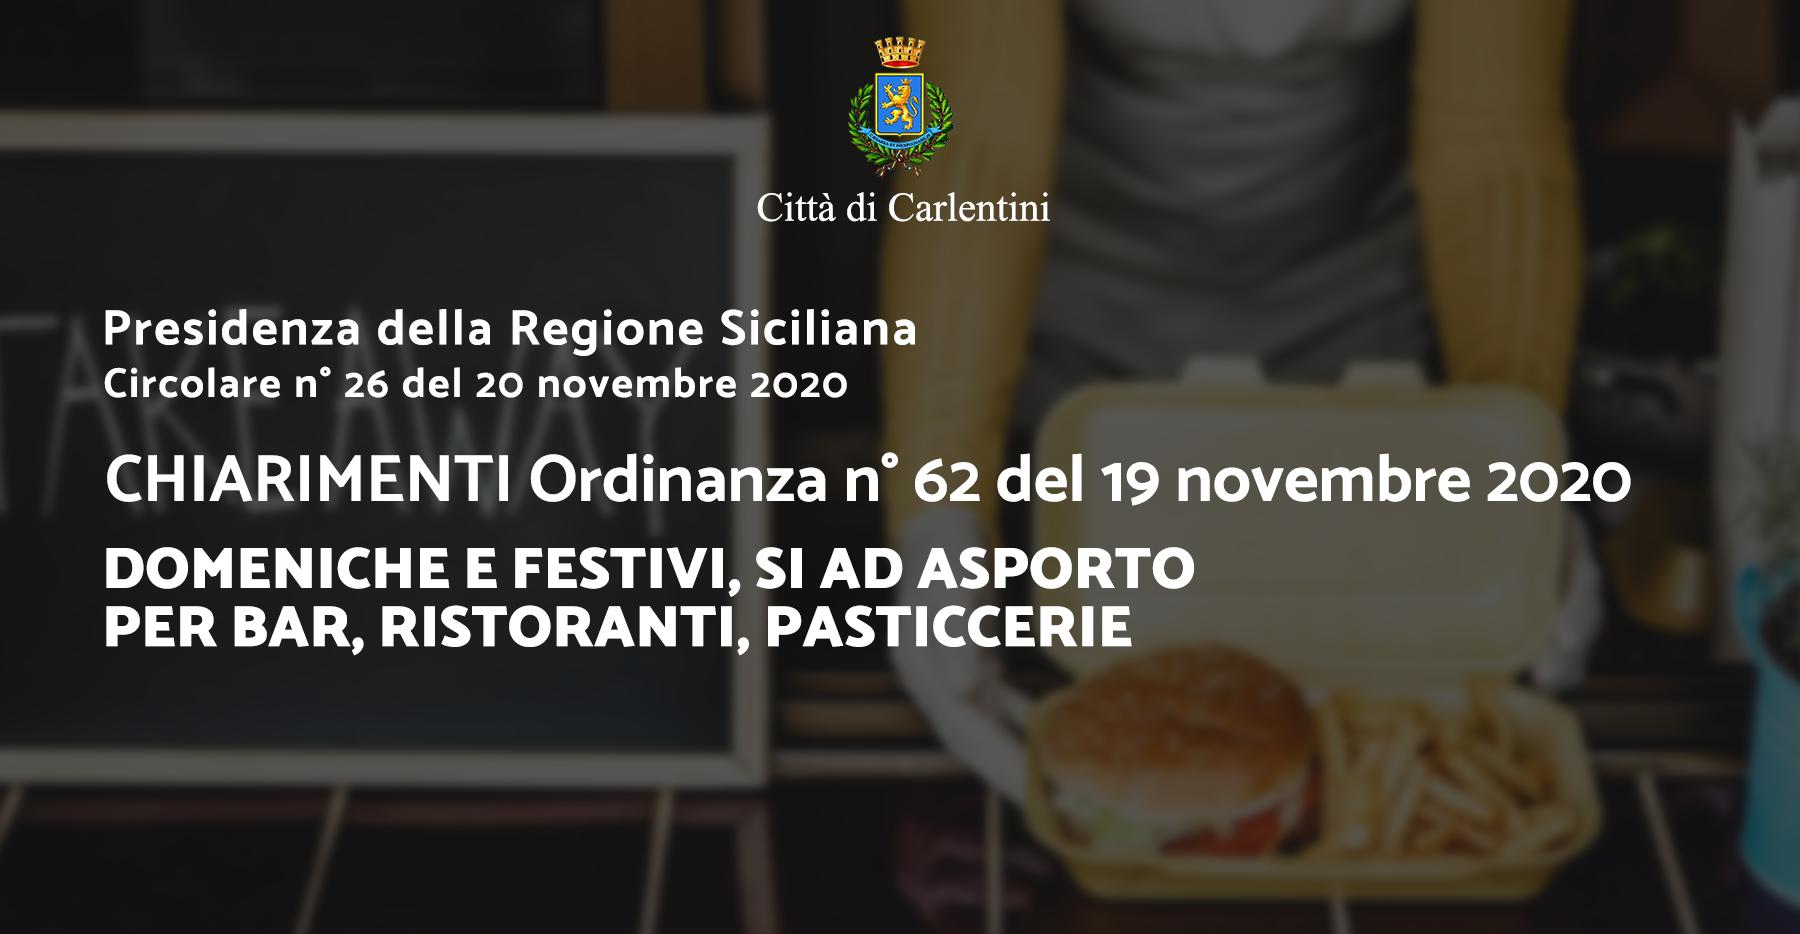 Circolare n° 26 del 20 novembre 2020 della Presidenza della Regione: Chiarimenti Ordinanza n° 62 del 19 novembre 2020